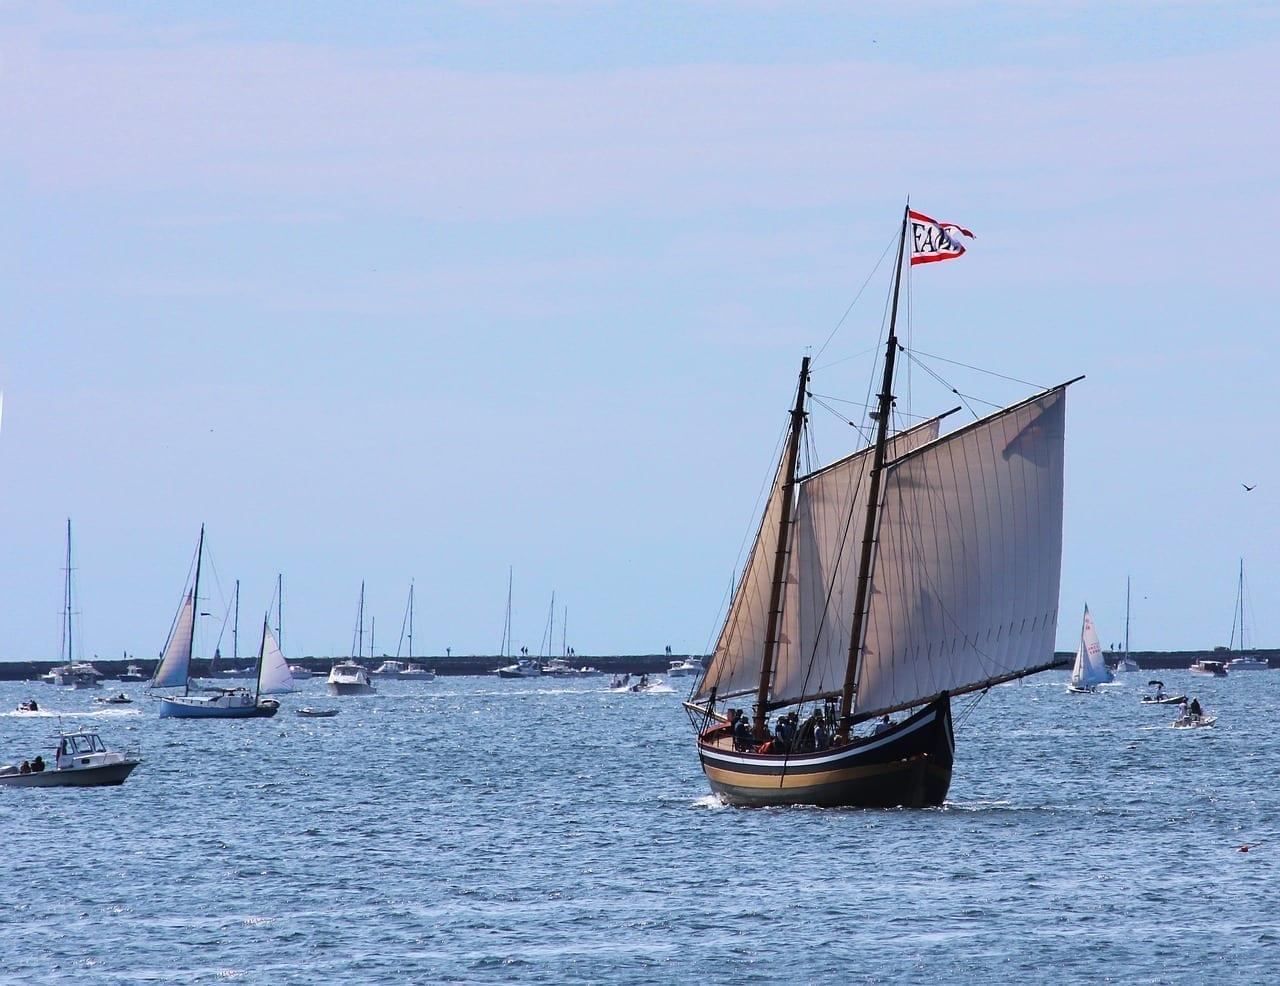 Gloucester Ma Barcos De Vela Reino Unido